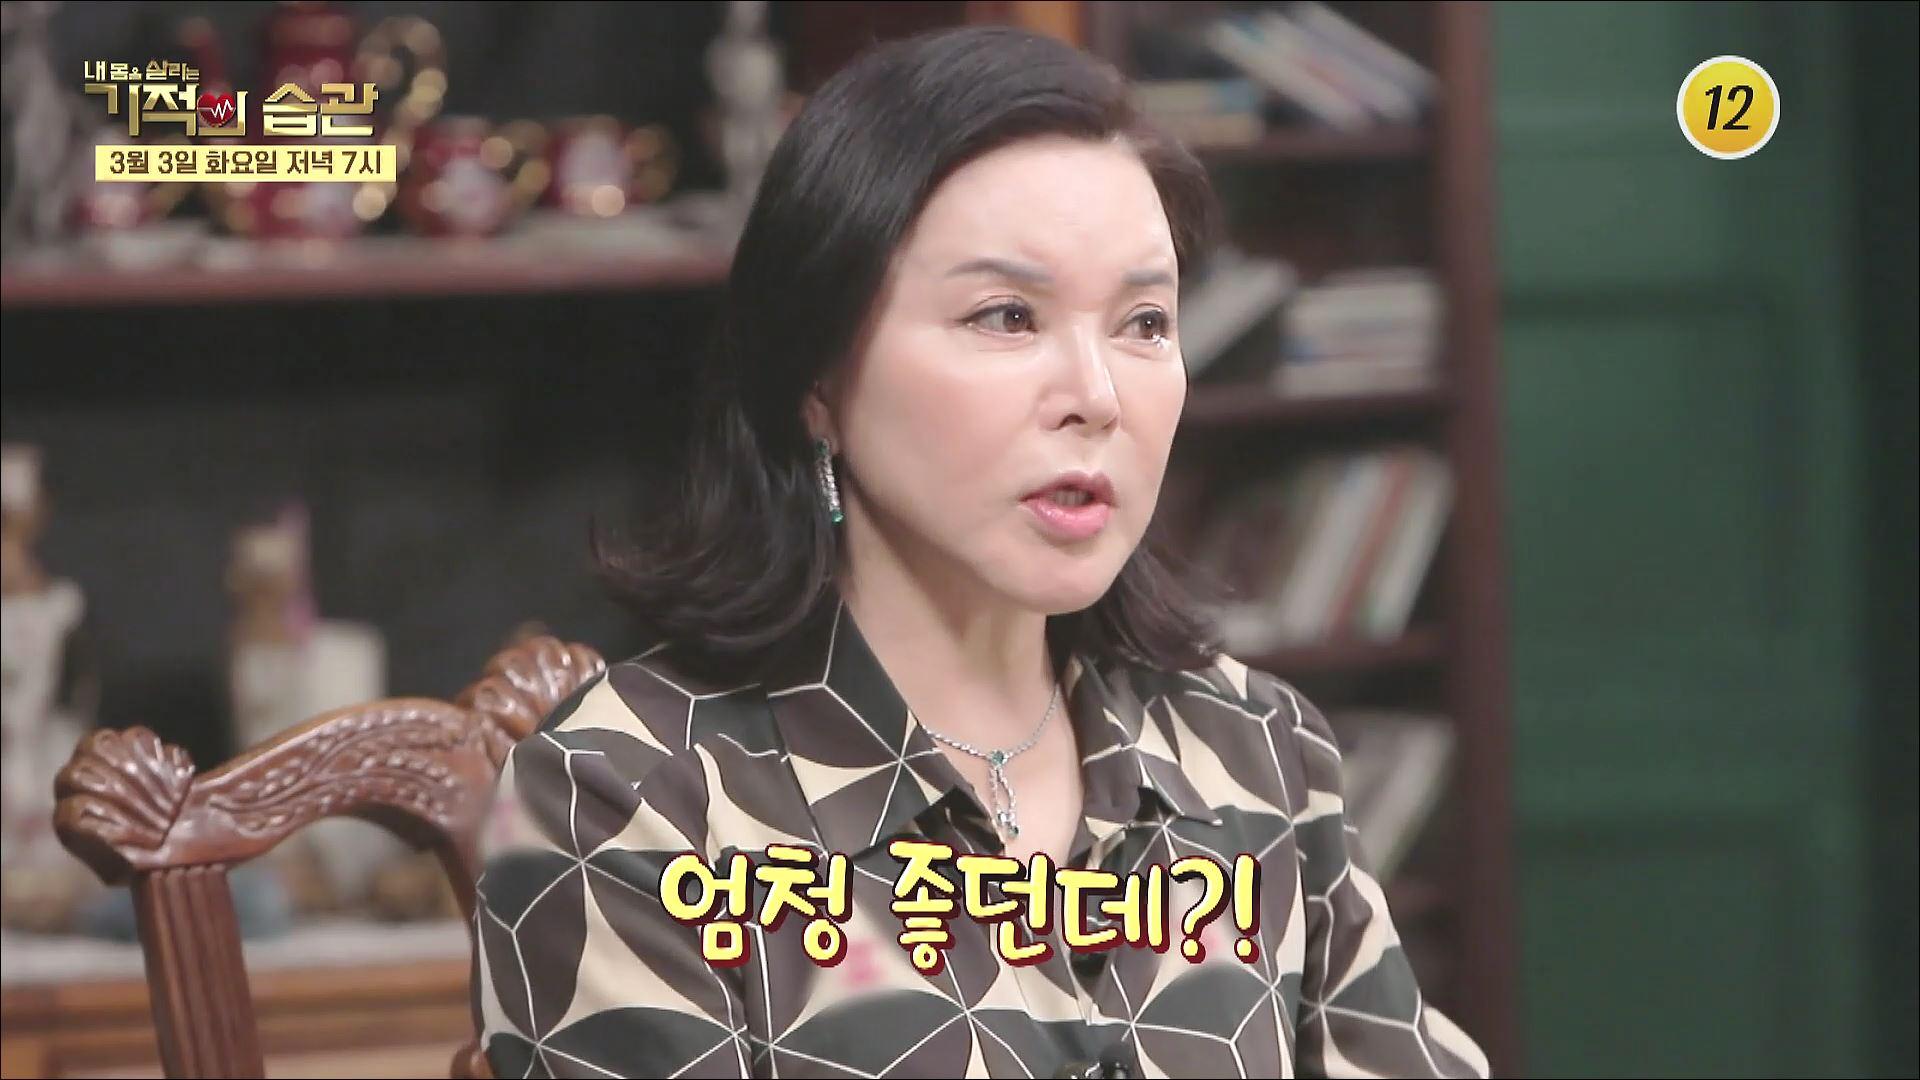 까칠한 그녀 최란을 사로잡은 다이어트 비법!_기적의 습관 17회 예고  이미지